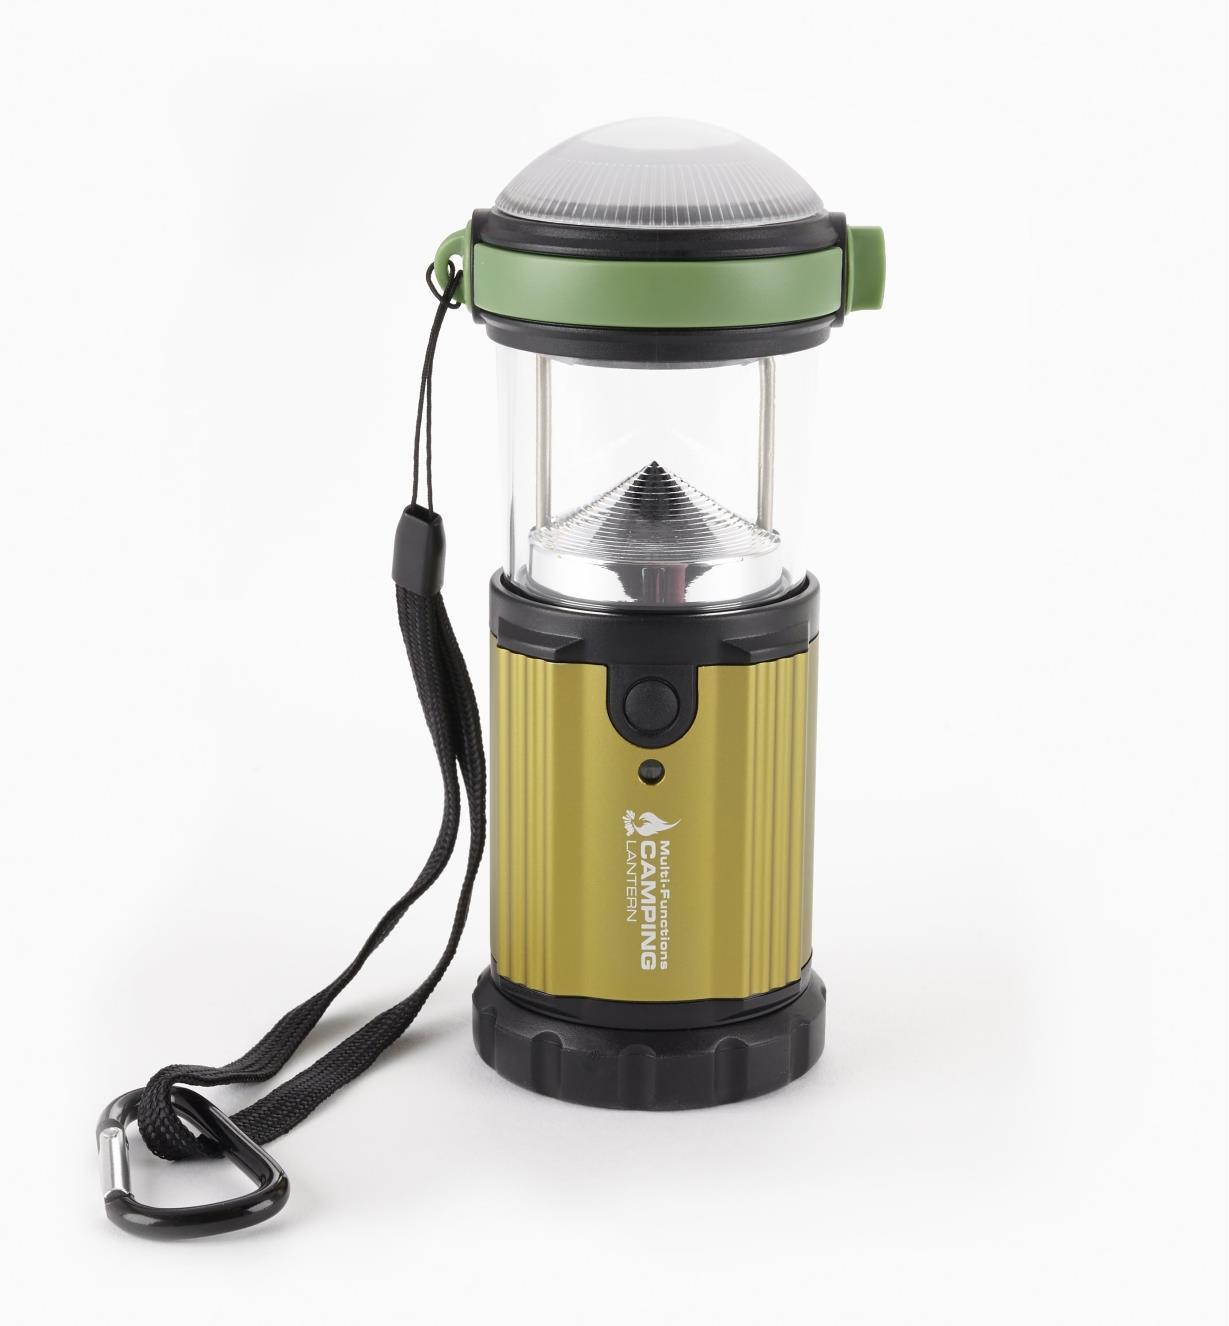 45K1858 - Cree LED Camping Lantern